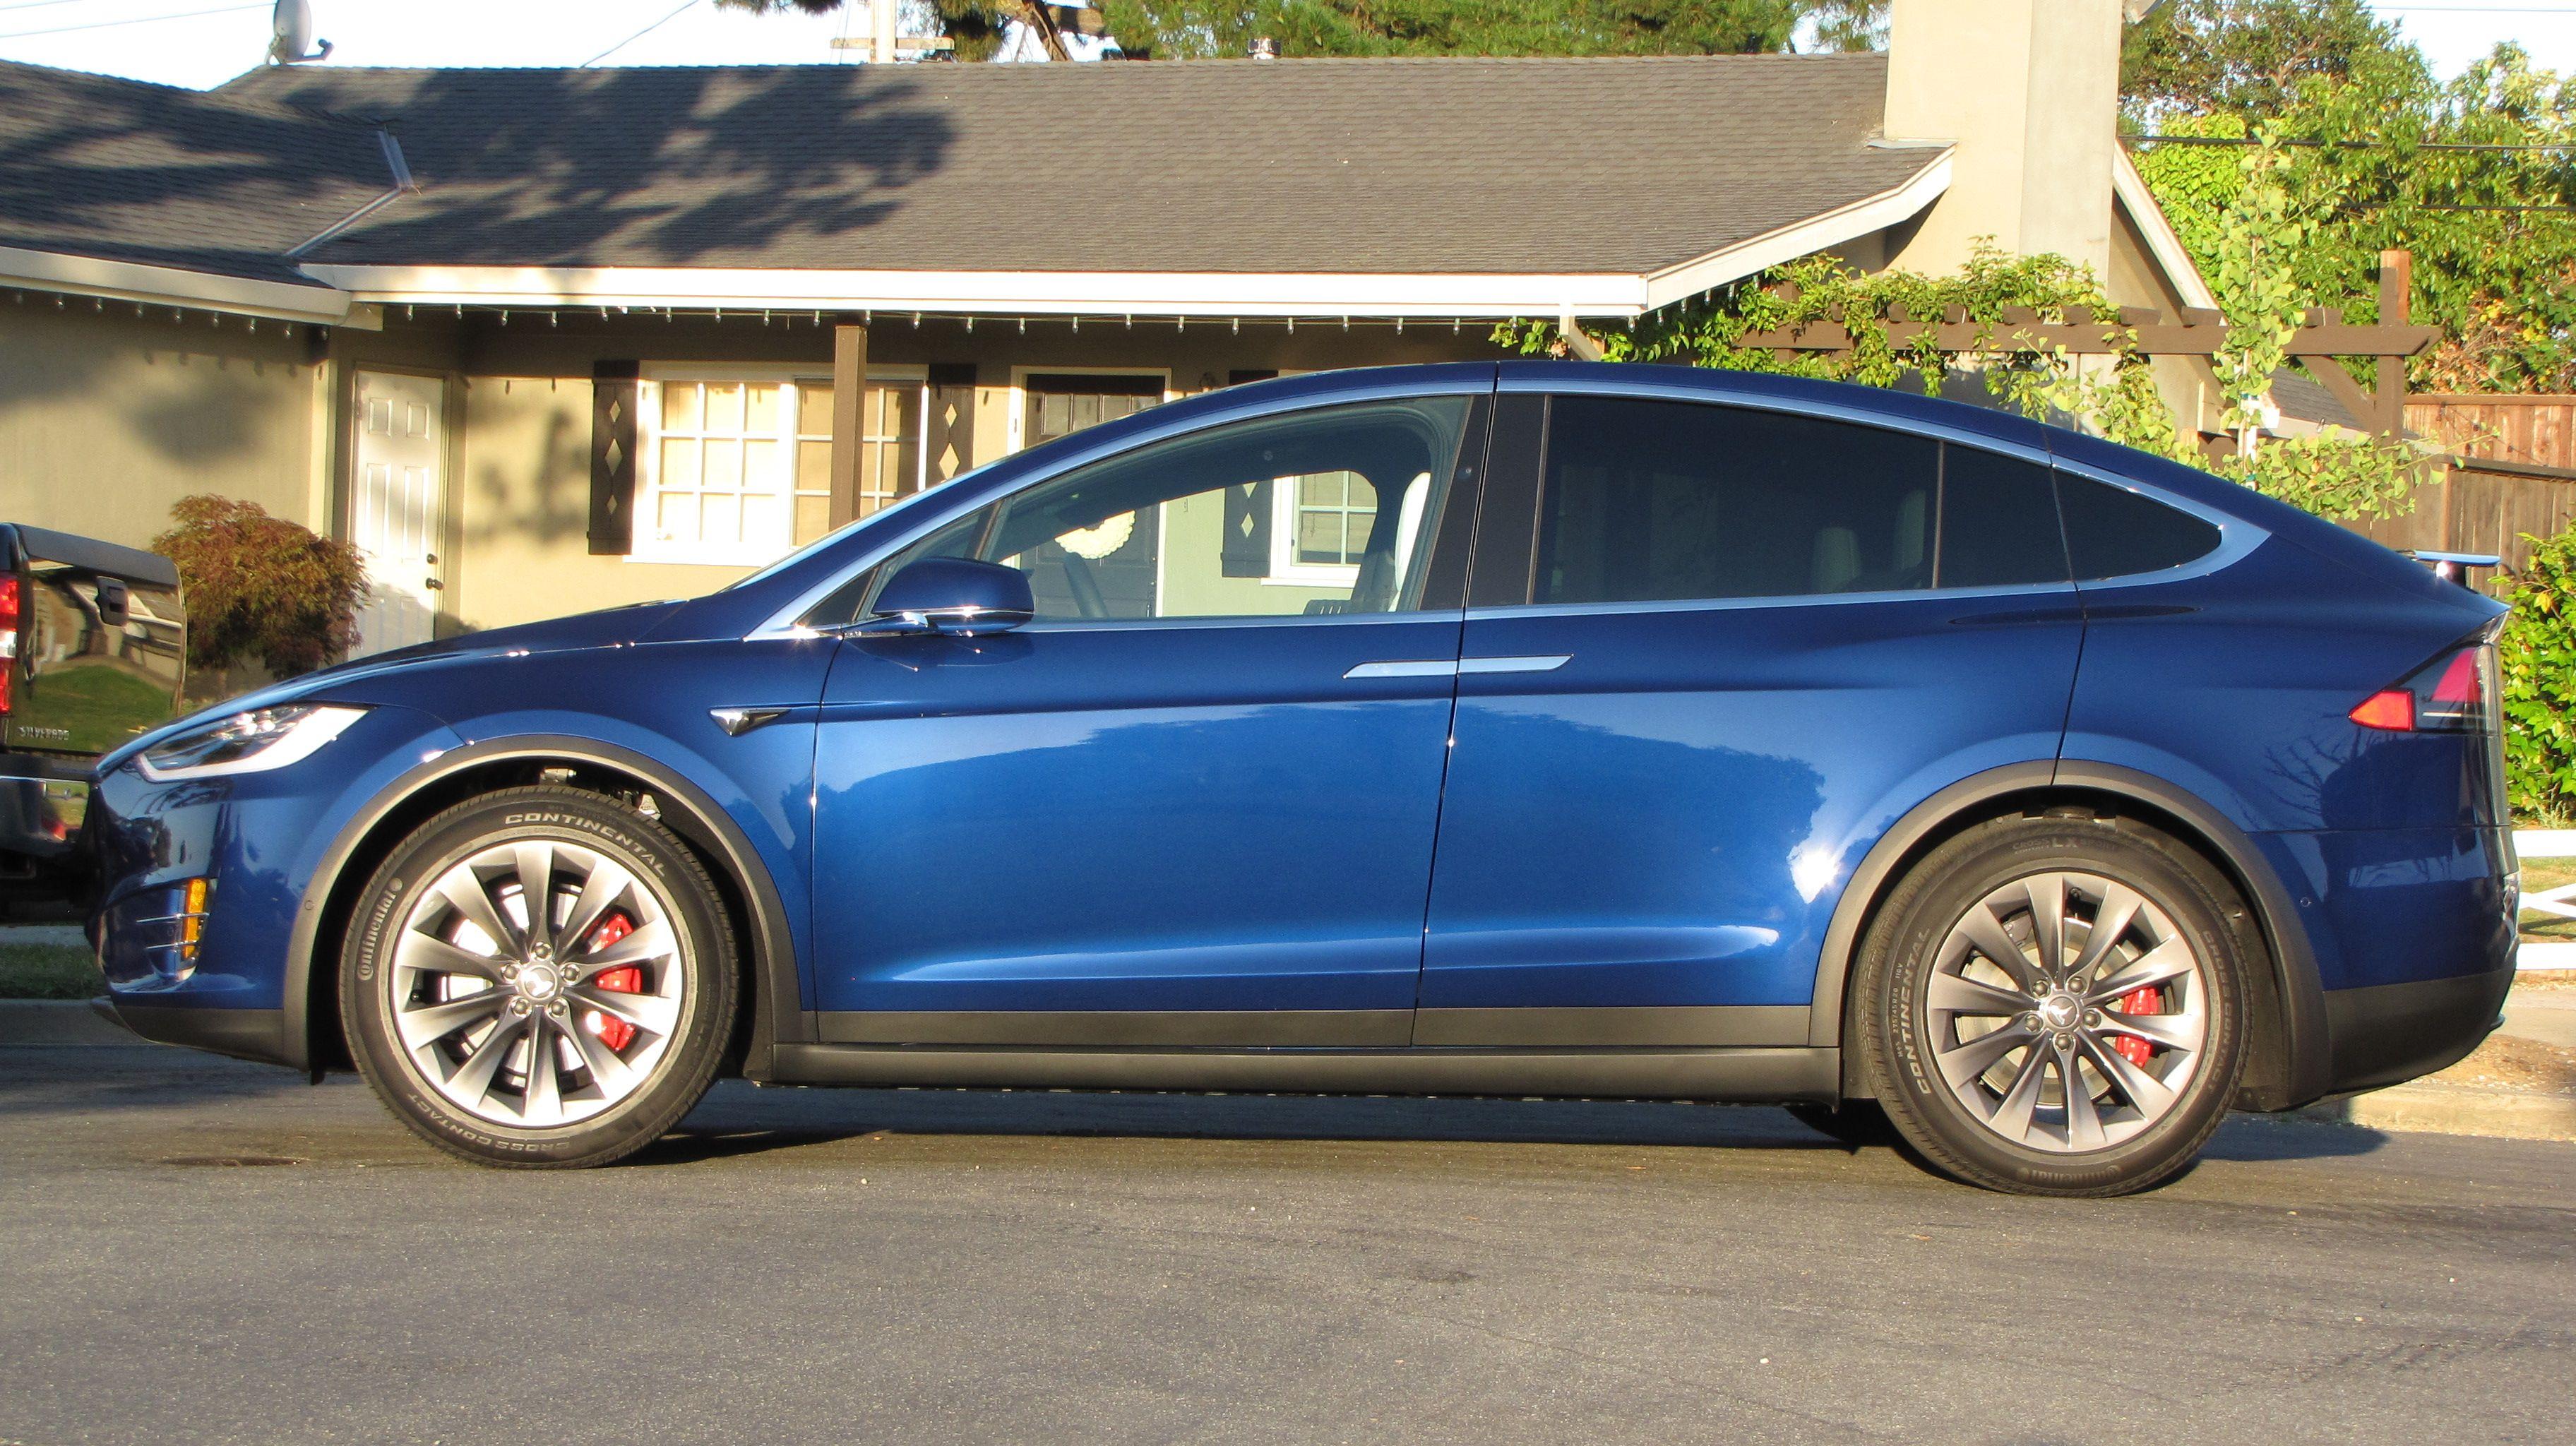 Ludicrous Monday Ceramic Coating Windshield Glass Tesla Model X